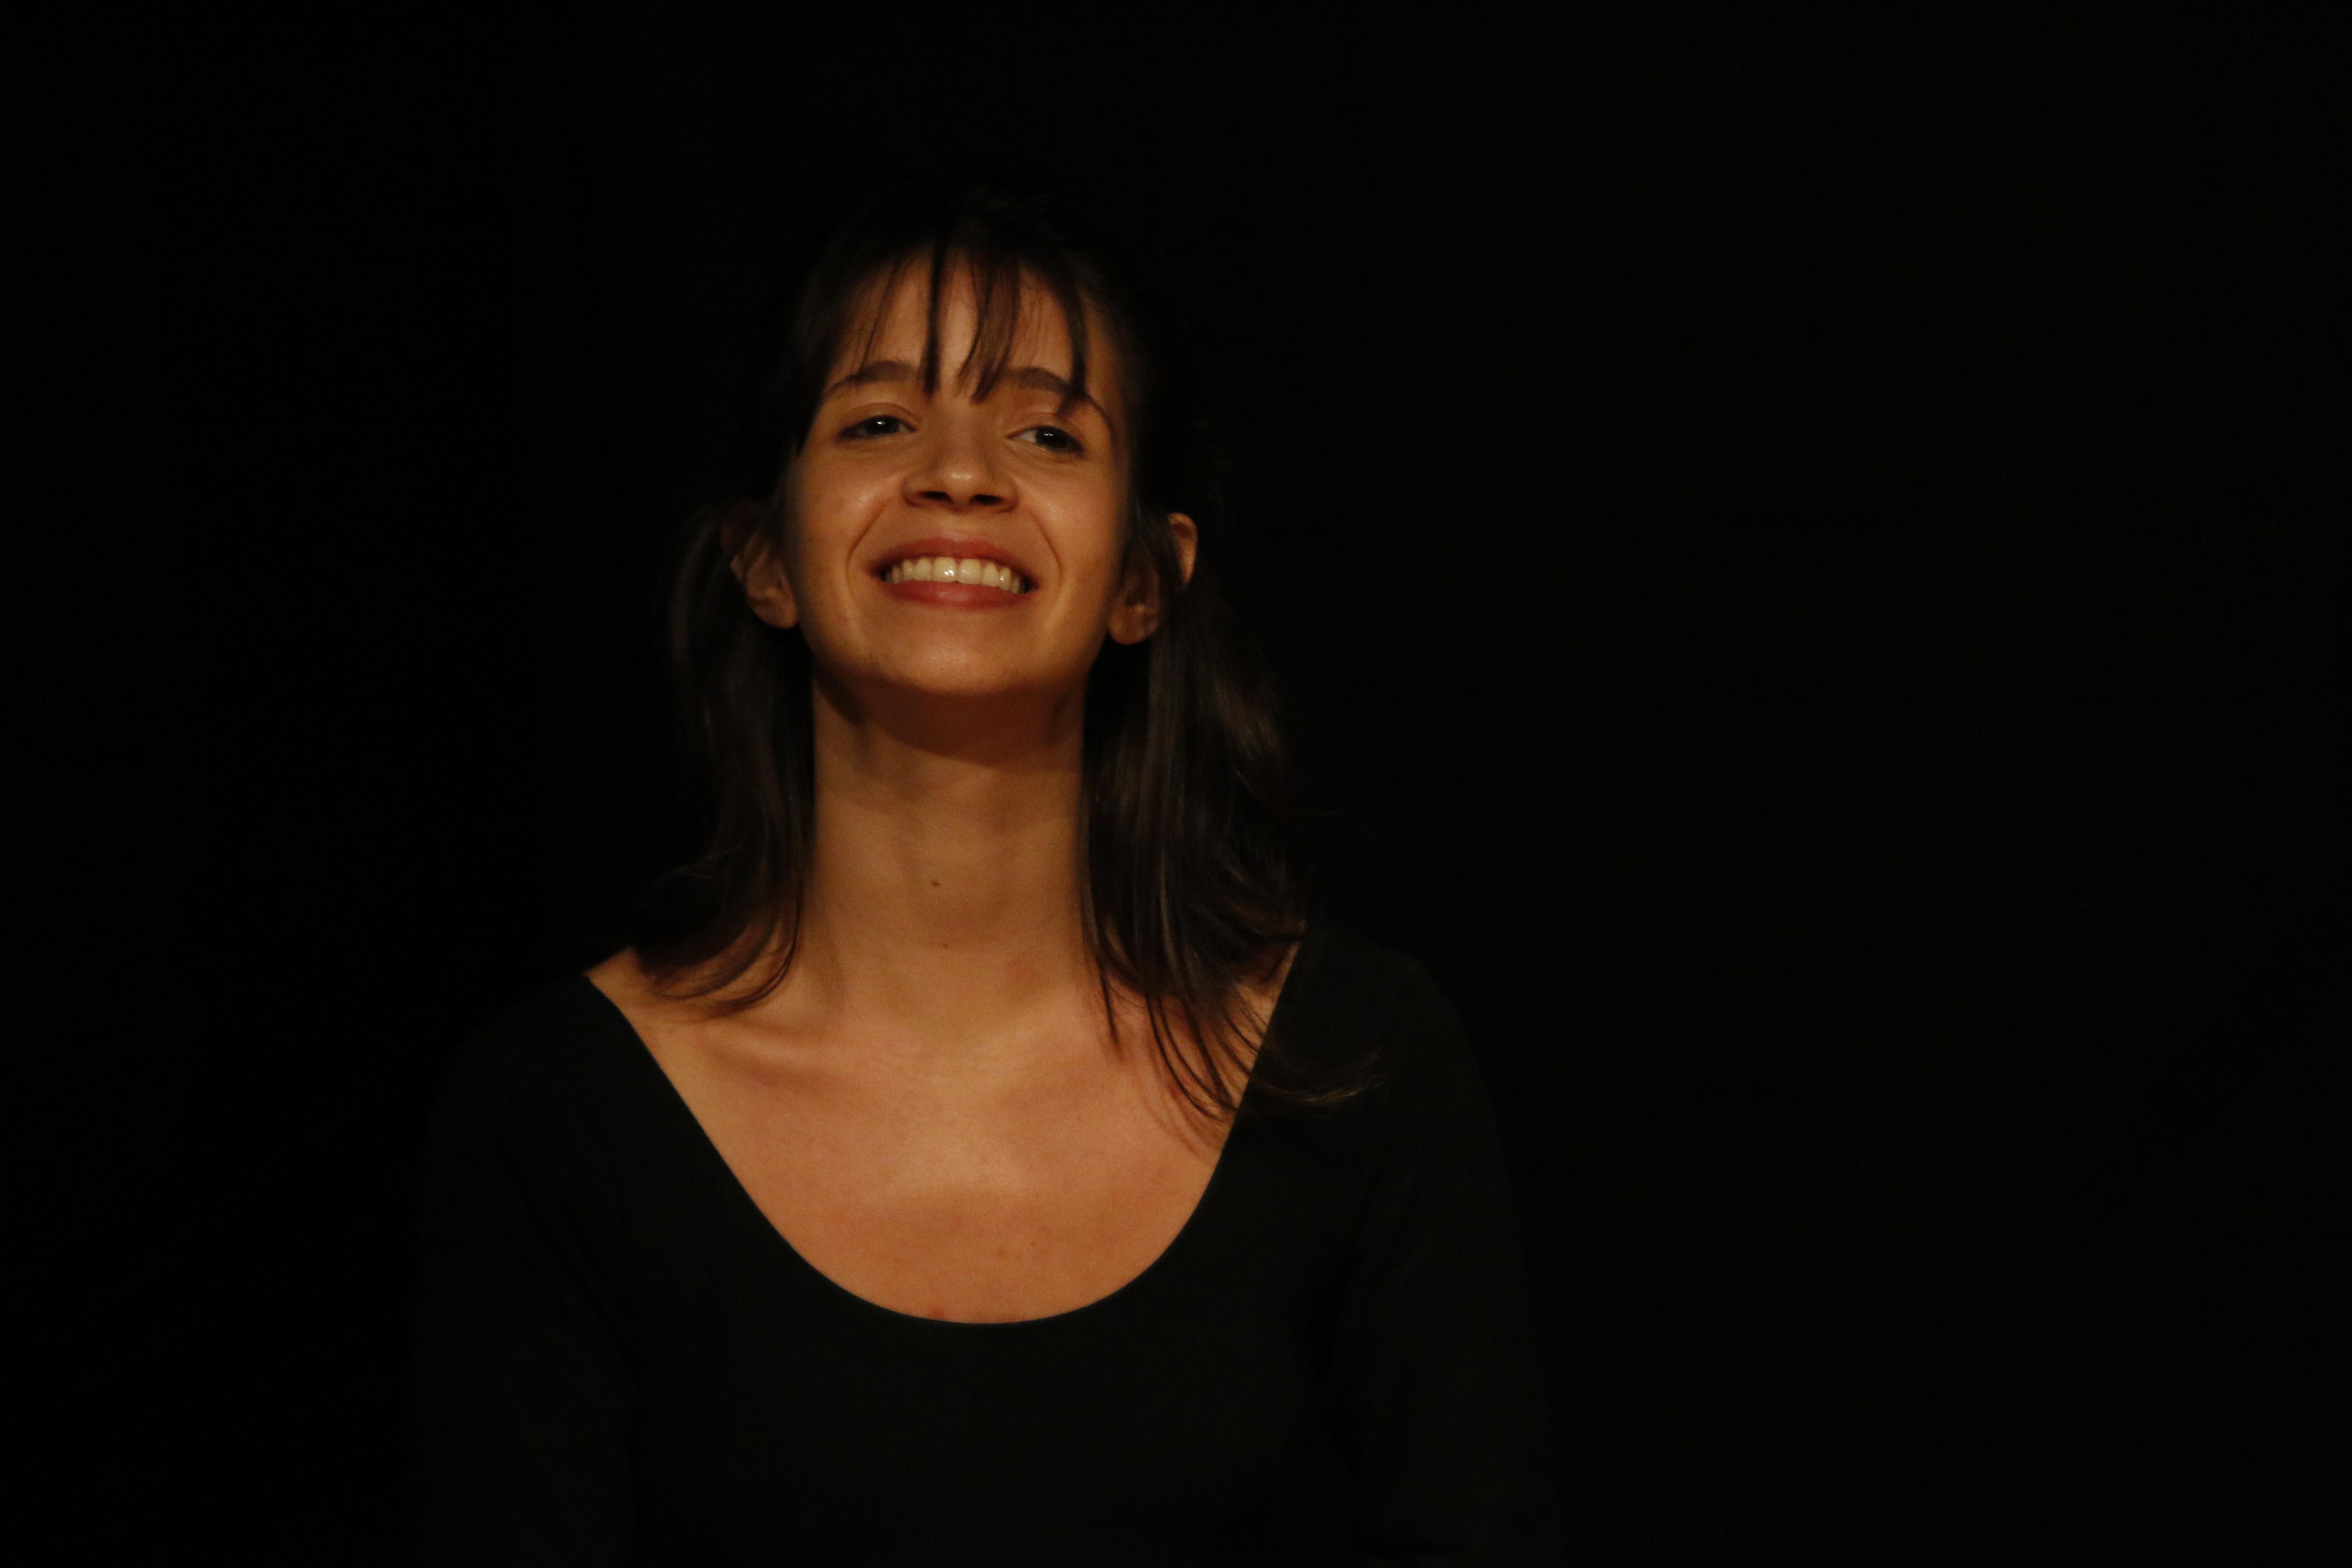 """Deisi Margarida - Atua como atriz-pesquisadora e facilitadora no Ponto de Cultura """"Palavras Visíveis"""" nas disciplinas teórico-práticas de """"História da arte"""" e """"História do Teatro""""."""